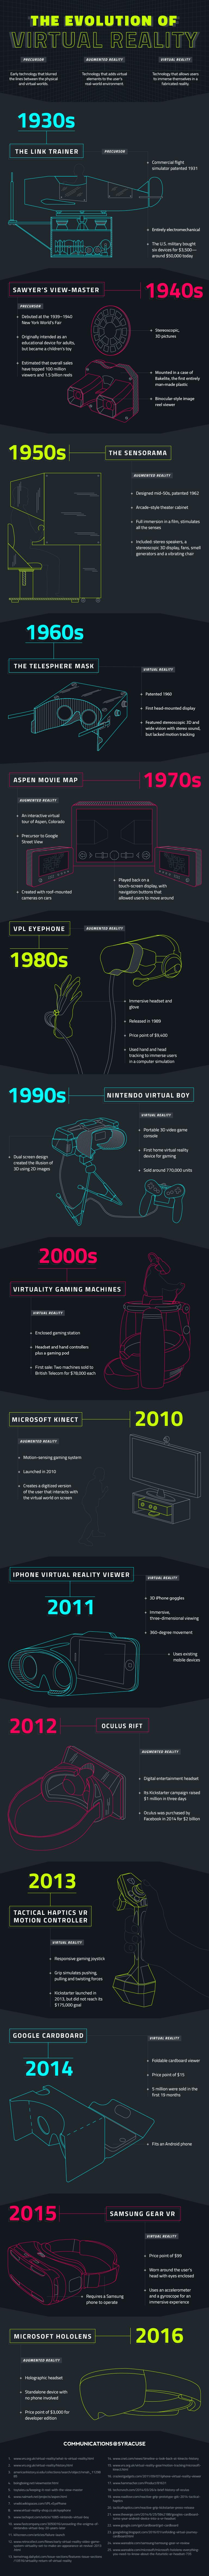 évolution réalité virtuelle et augmentée